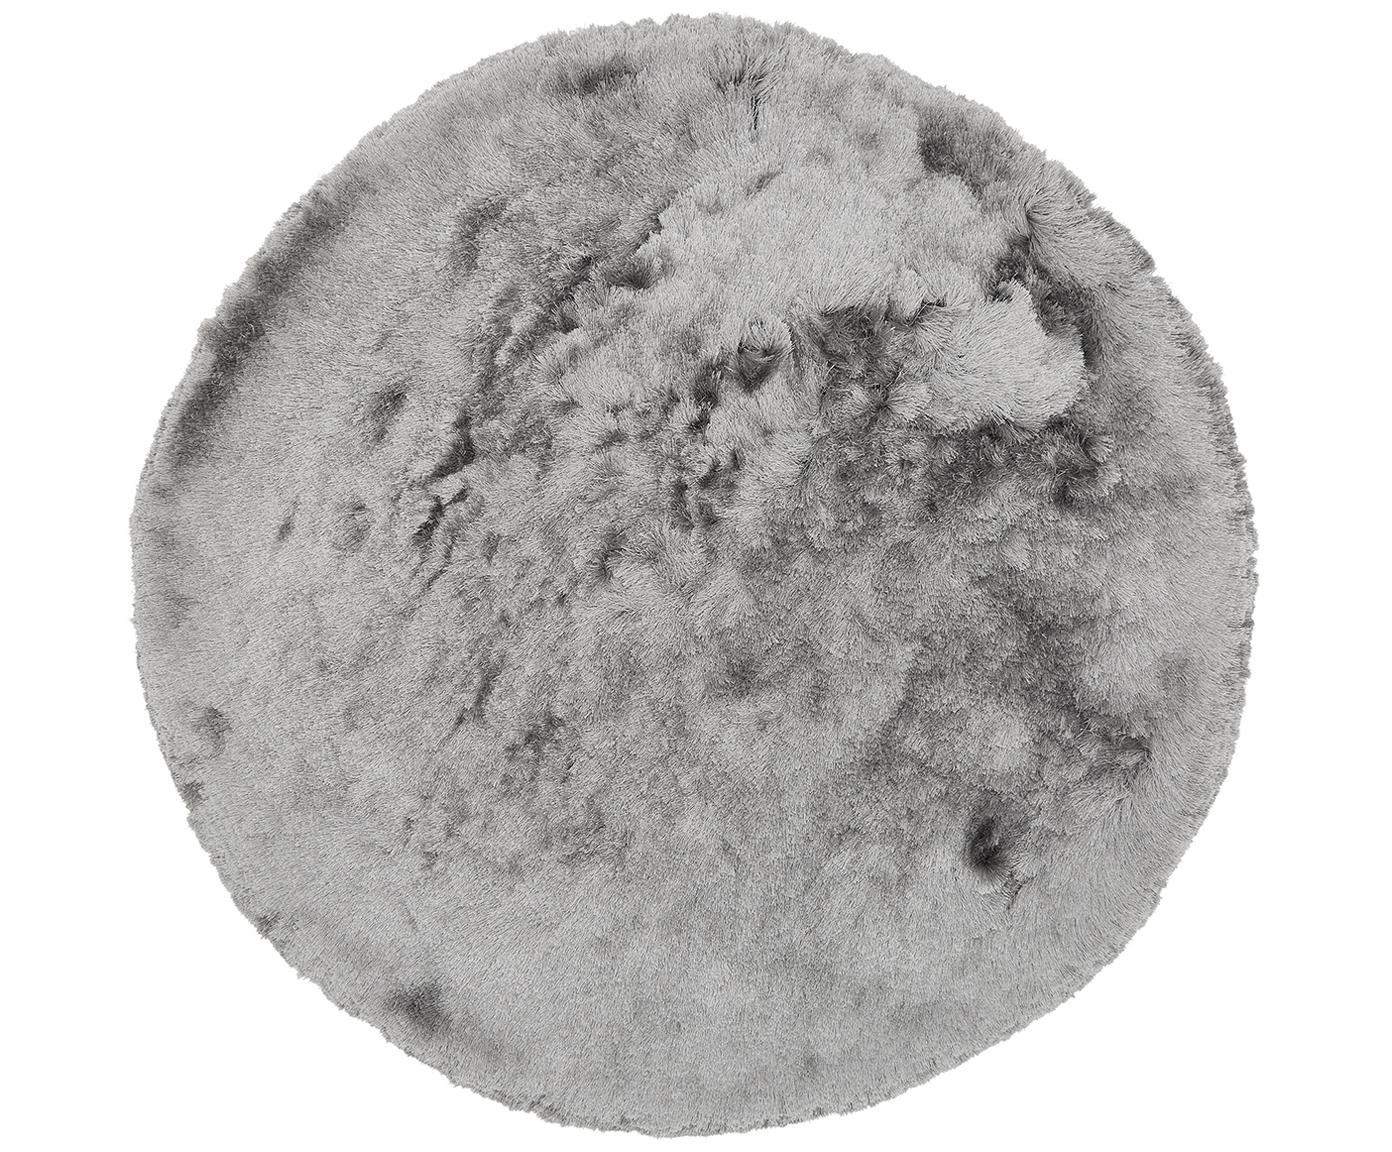 Glänzender Hochflor-Teppich Jimmy in Hellgrau, rund, Flor: 100% Polyester, Hellgrau, Ø 150 cm (Grösse M)